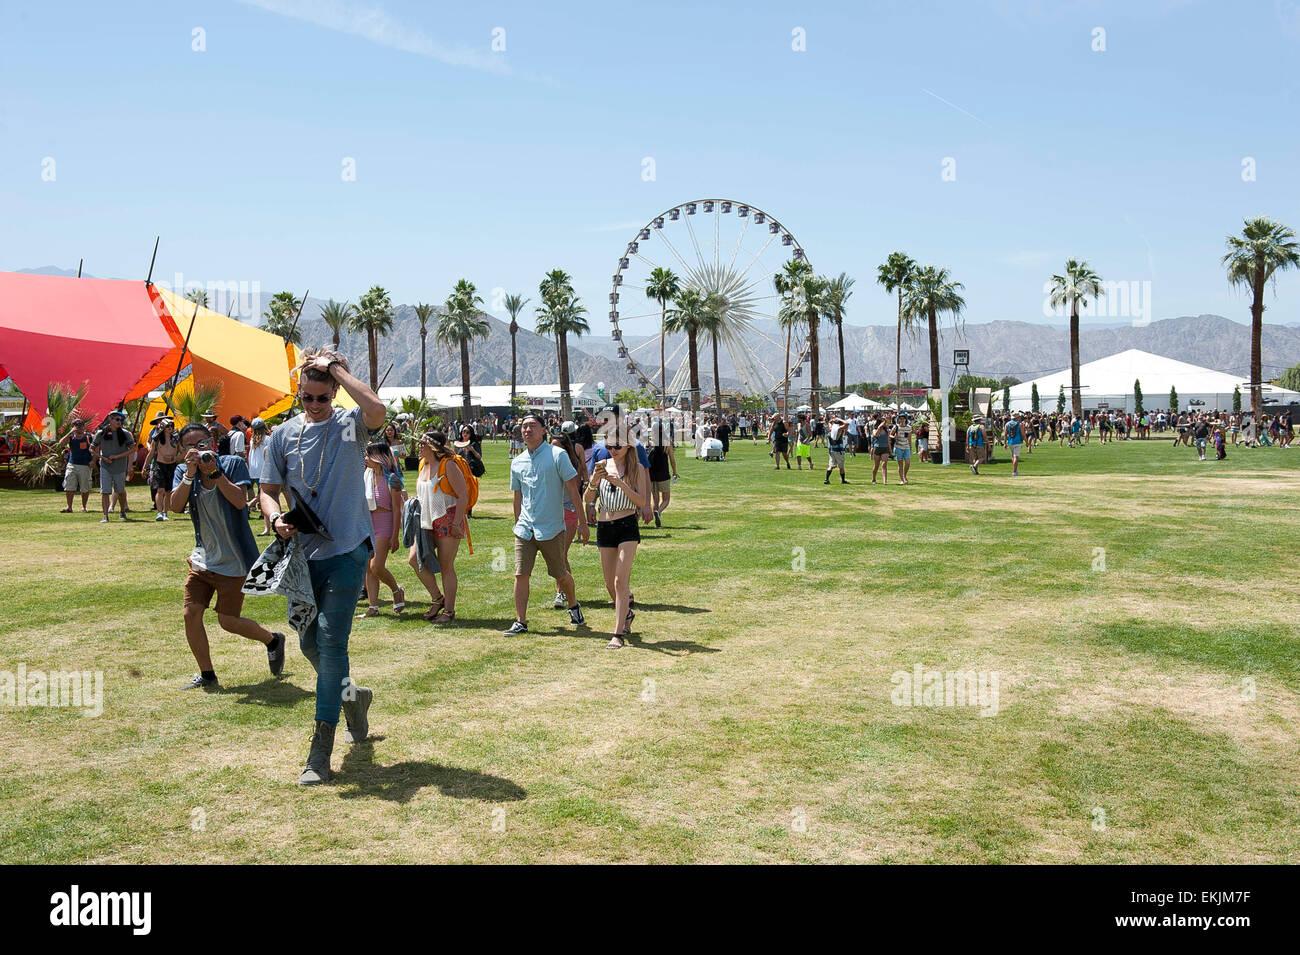 Indio, Kalifornien, USA. 10. April 2015. Allgemeine Atmosphäre des Coachella Music & Arts Festival 2015, Stockbild